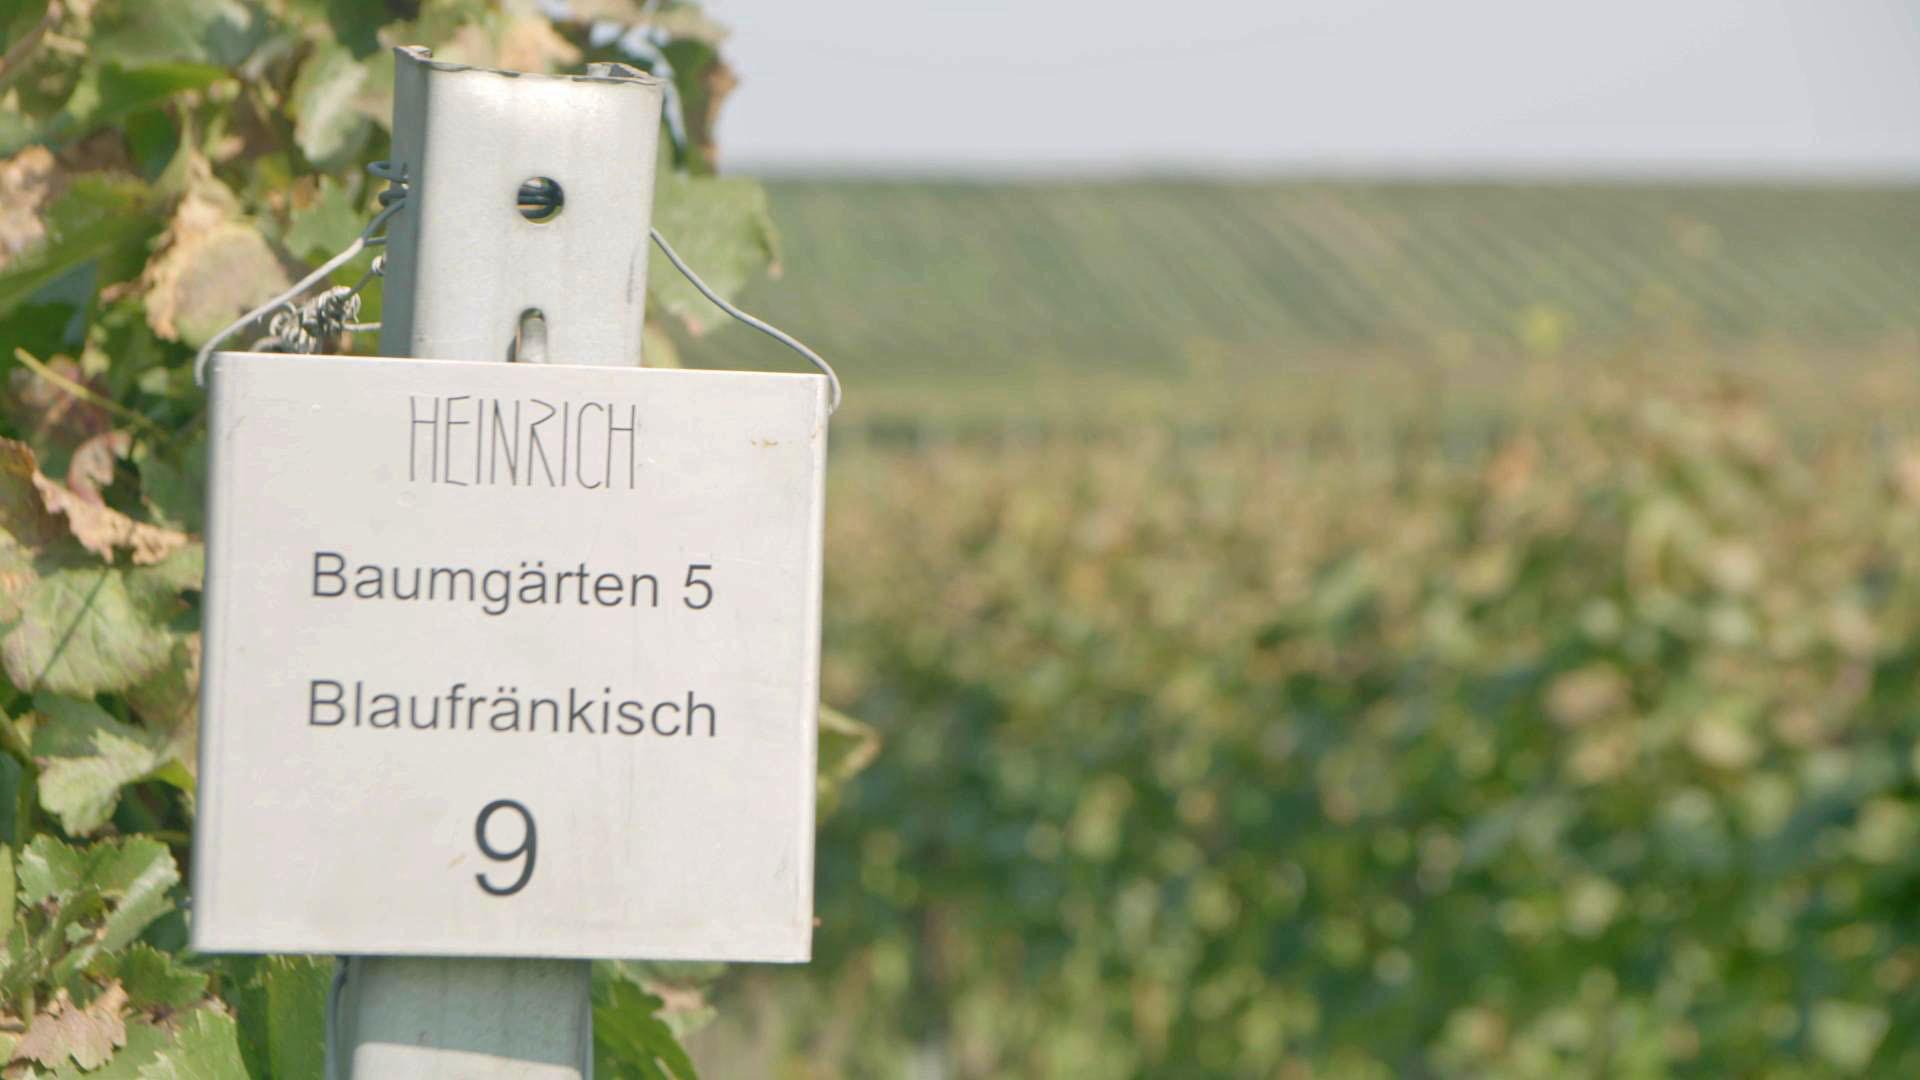 Warum_Wein_F7_Weingut_Heinrich